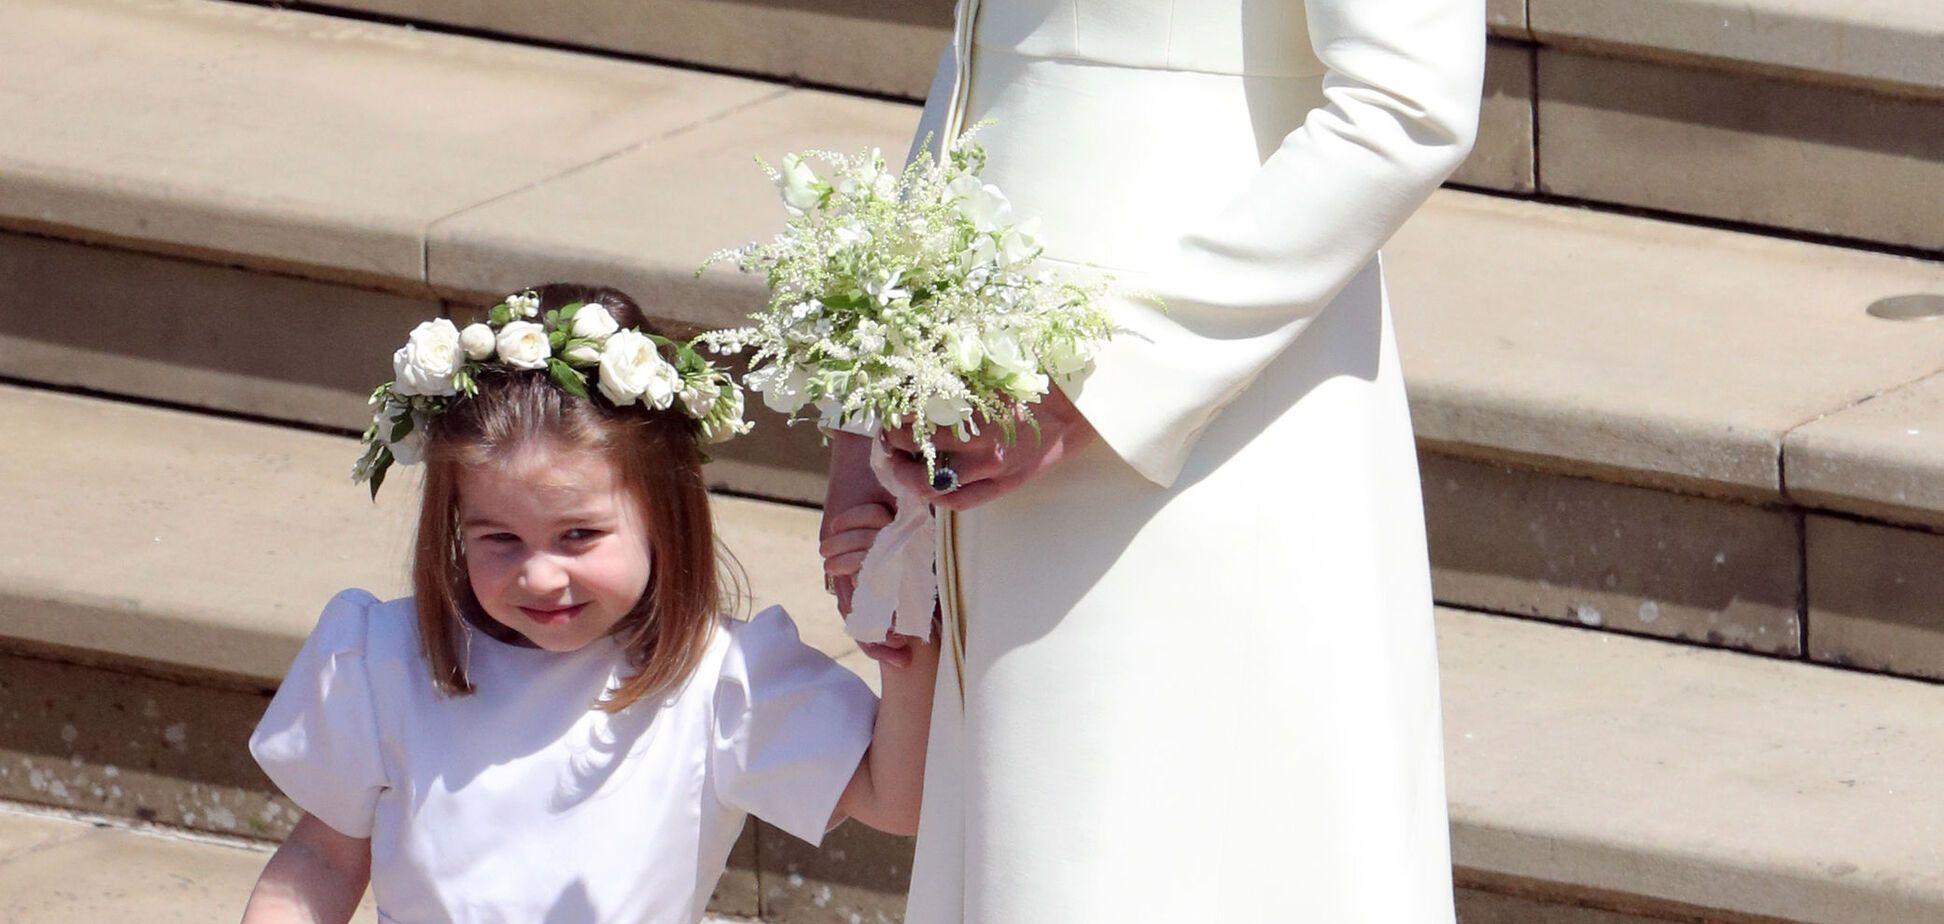 Кейт Миддлтон и принцесса Шарлотта восхитили нежными образами на свадьбе принца Гарри и Меган Маркл